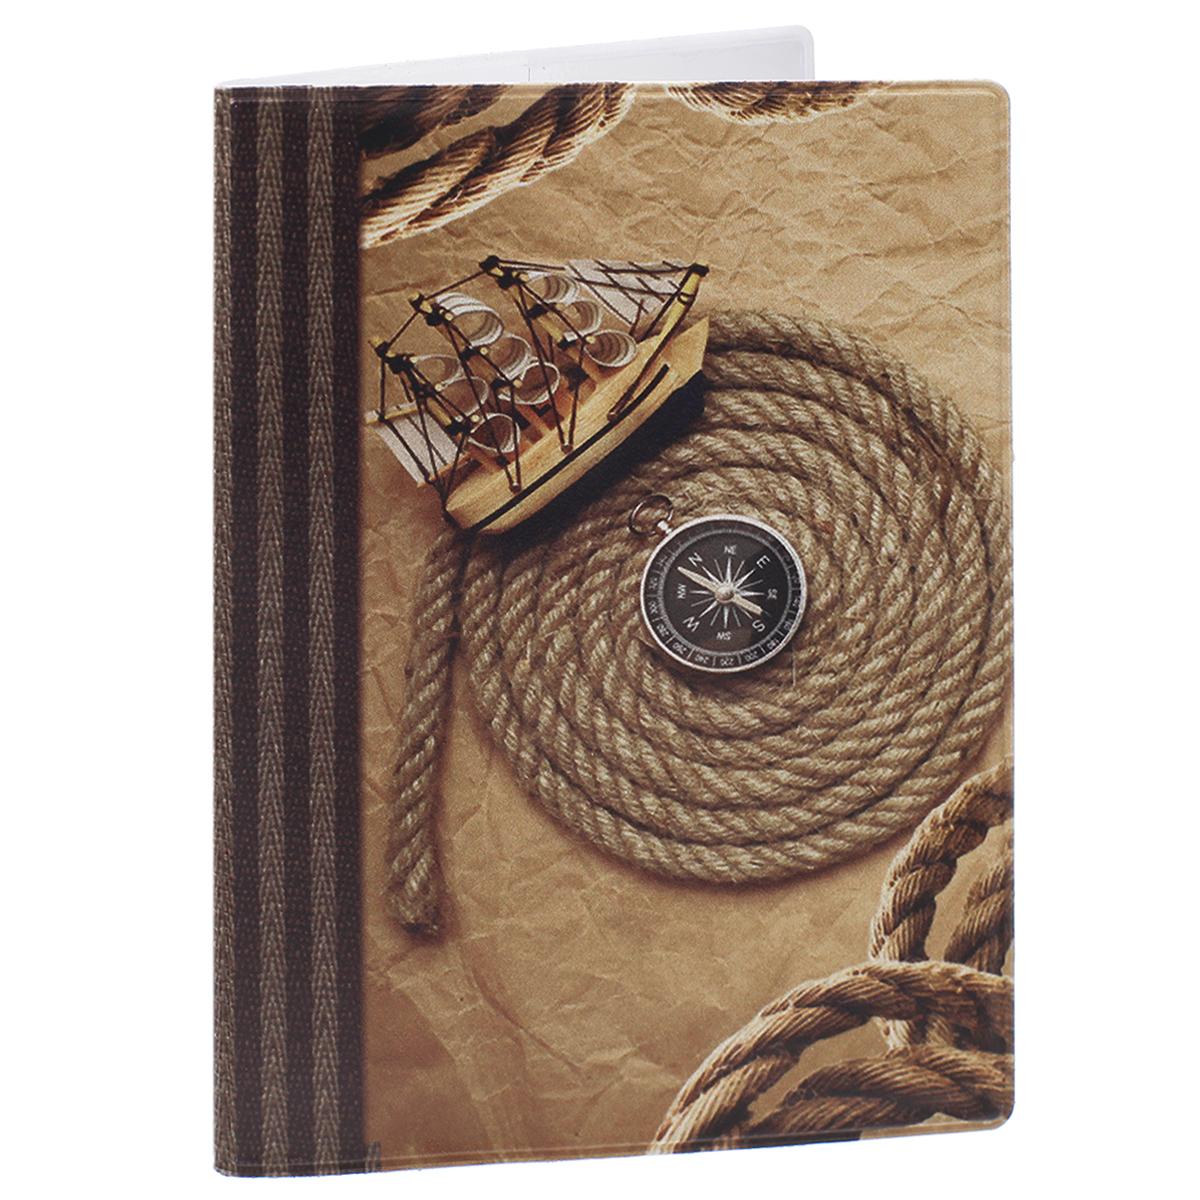 Обложка для паспорта Корабль, цвет: коричневый. 32403860Обложка для паспорта Корабль не только поможет сохранить внешний вид ваших документов и защитить их от повреждений, но и станет стильным аксессуаром, идеально подходящим вашему образу. Обложка выполнена из поливинилхлорида и оформлена оригинальным изображением корабля, компаса и троса. Внутри имеет два вертикальных кармана из прозрачного пластика. Такая обложка поможет вам подчеркнуть свою индивидуальность и неповторимость!